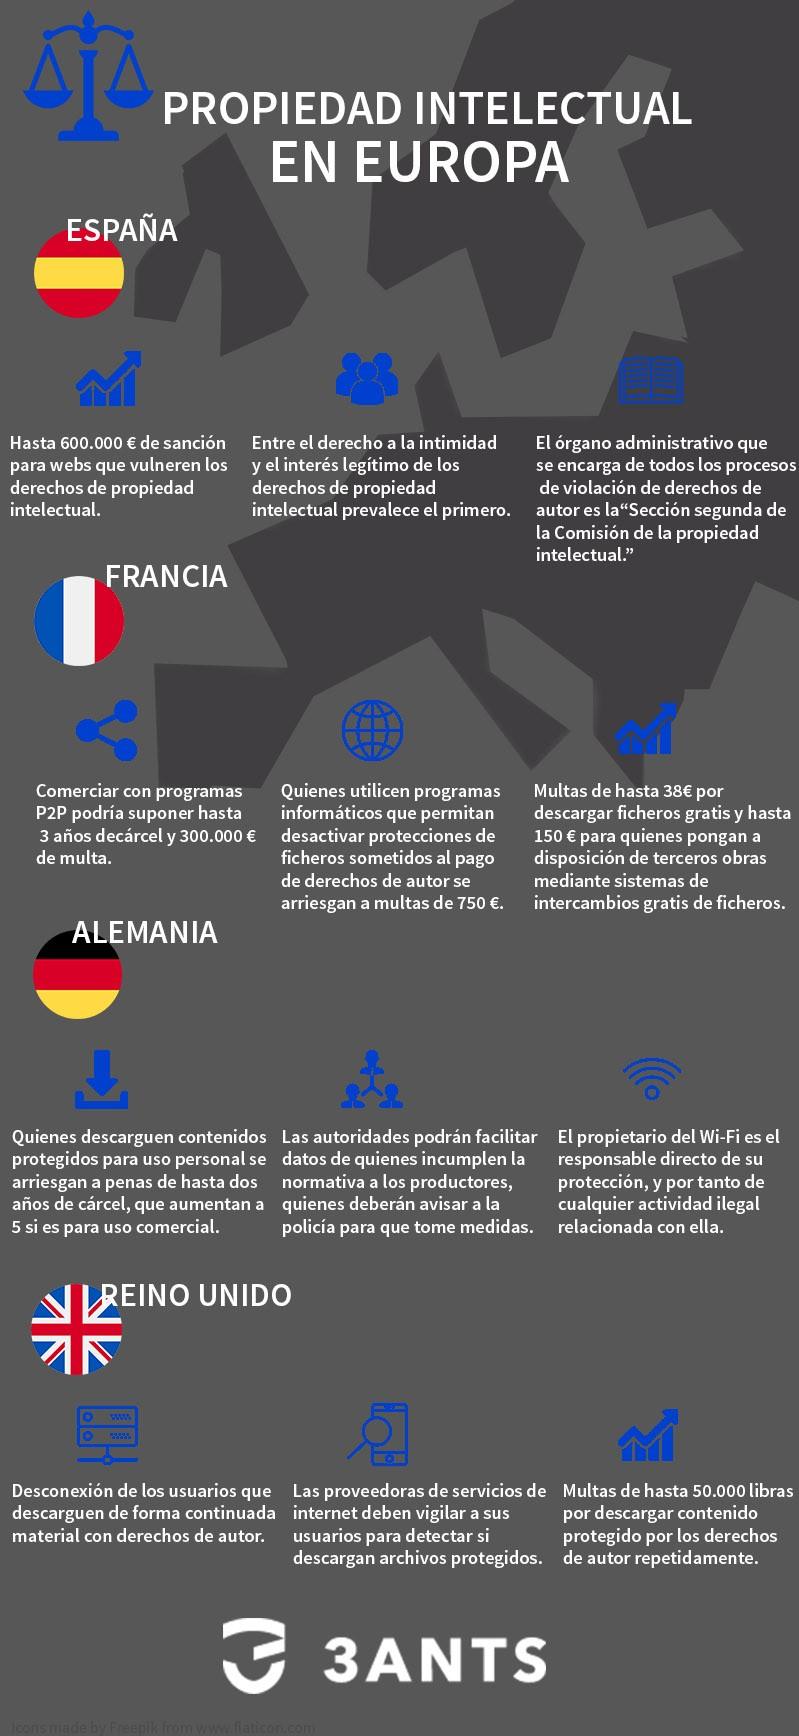 Descubre las diferencias en legislación entre las leyes de propiedad intelectual en los países europeos.